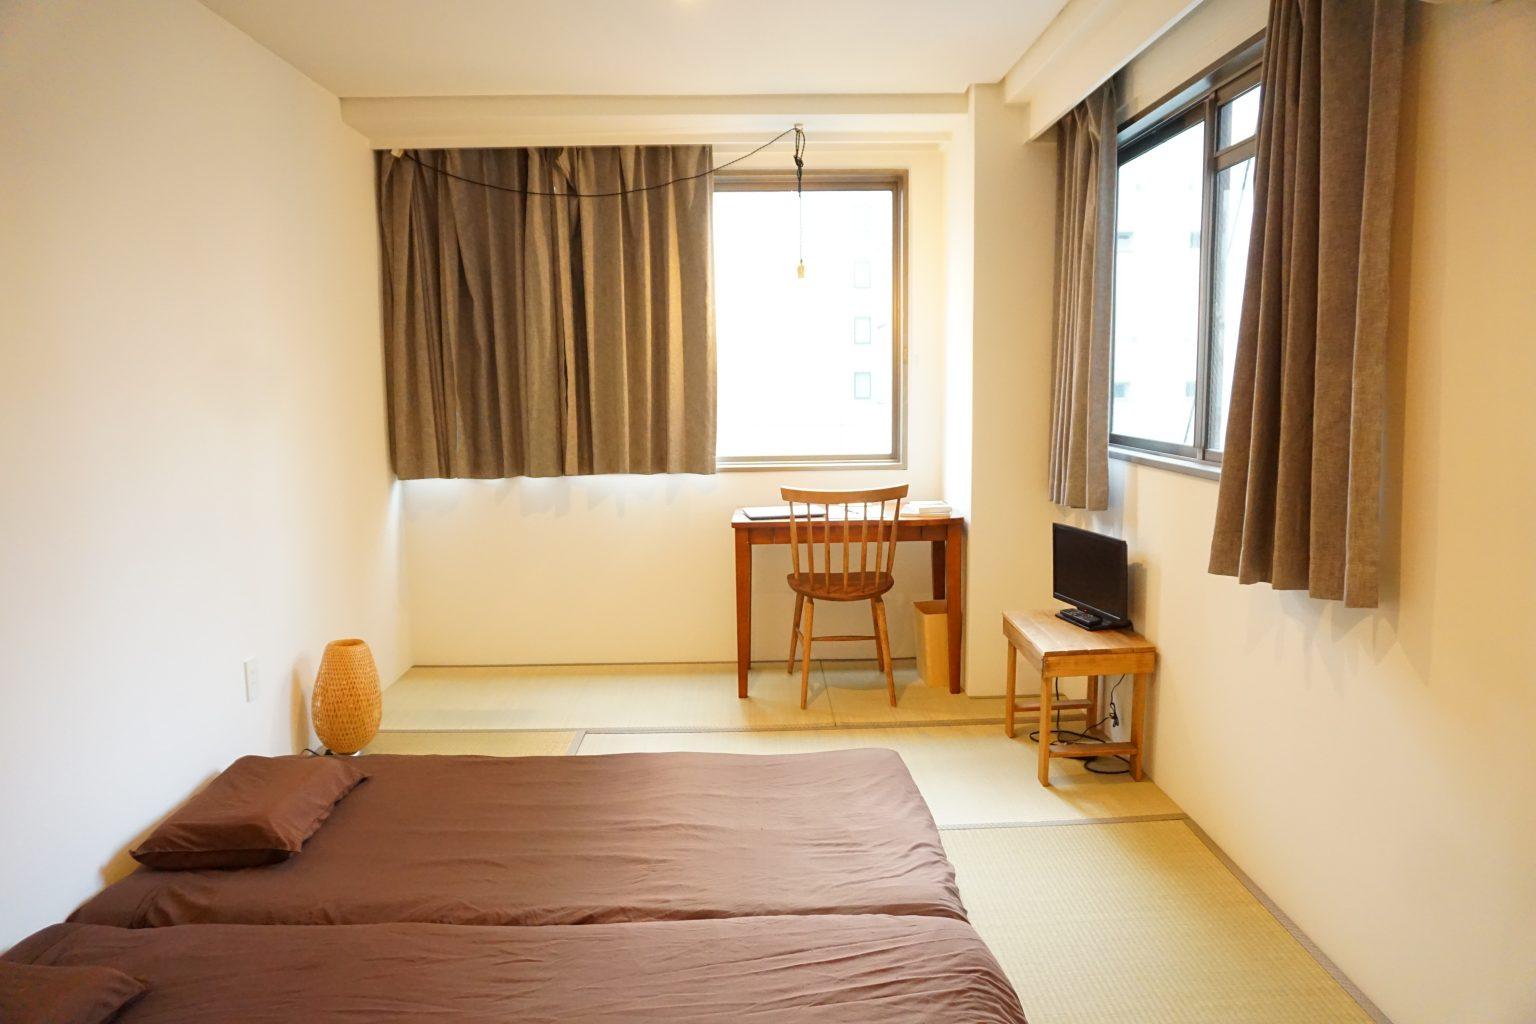 和室 3人部屋 共用バスルーム